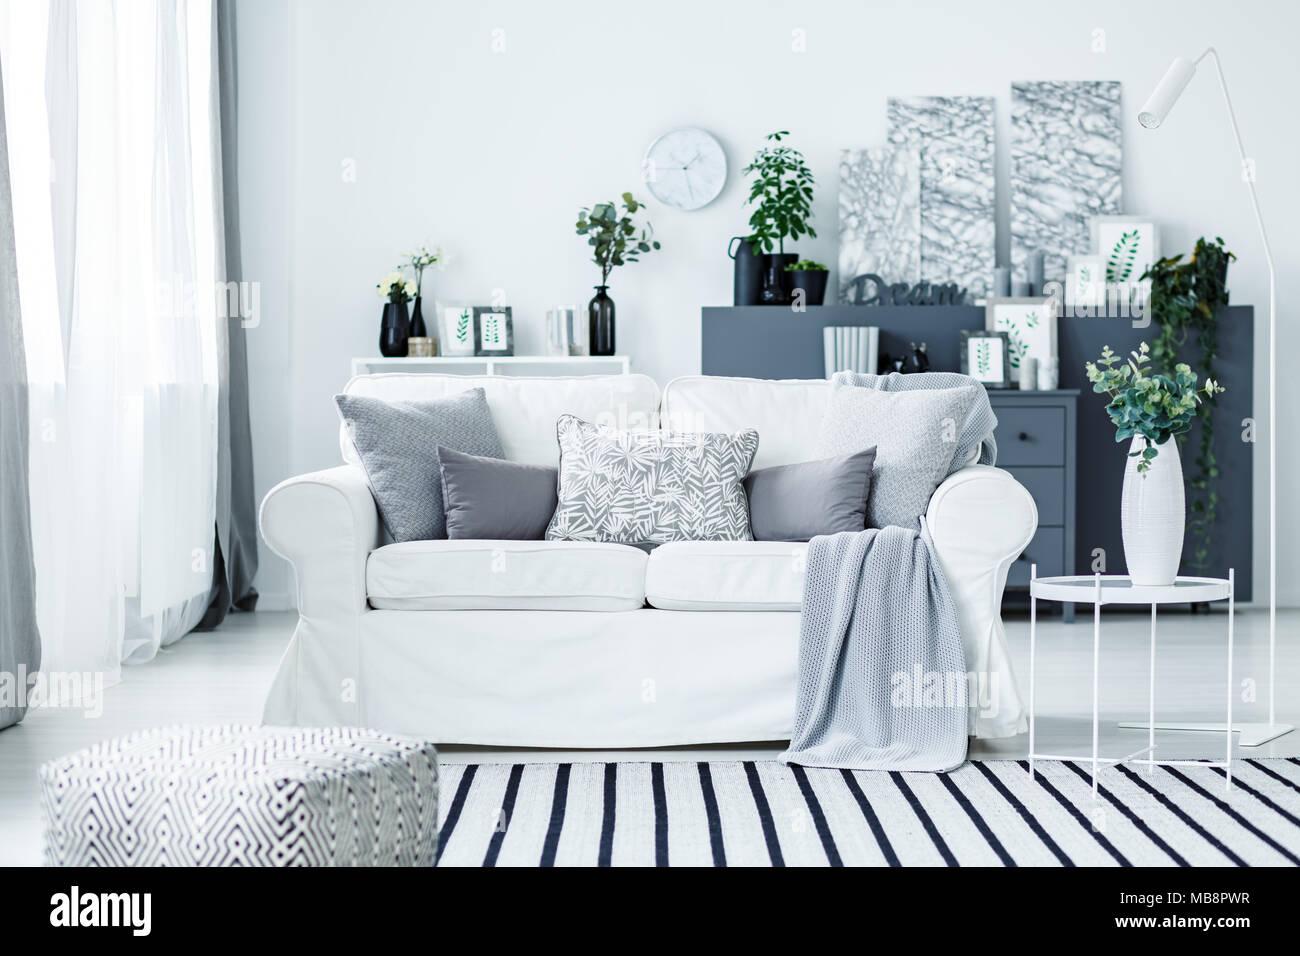 Confortevole divano bianco e un tappeto a strisce in un for Soggiorno moderno grigio e bianco